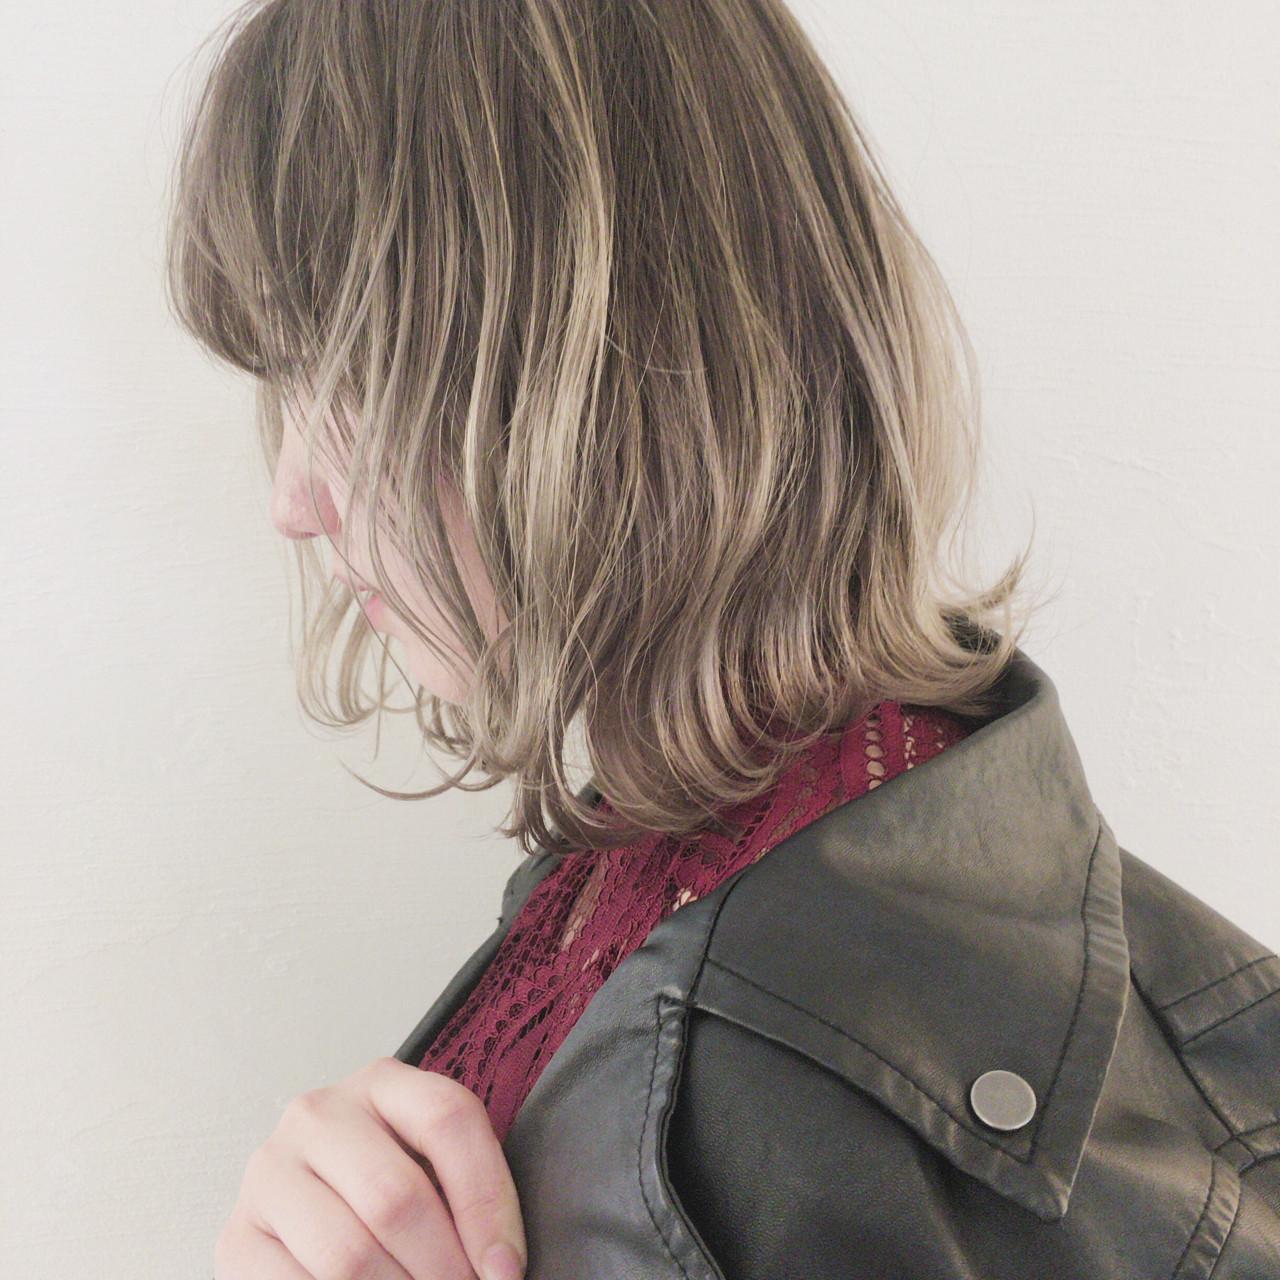 インナーカラー ナチュラル グレージュ ボブ ヘアスタイルや髪型の写真・画像